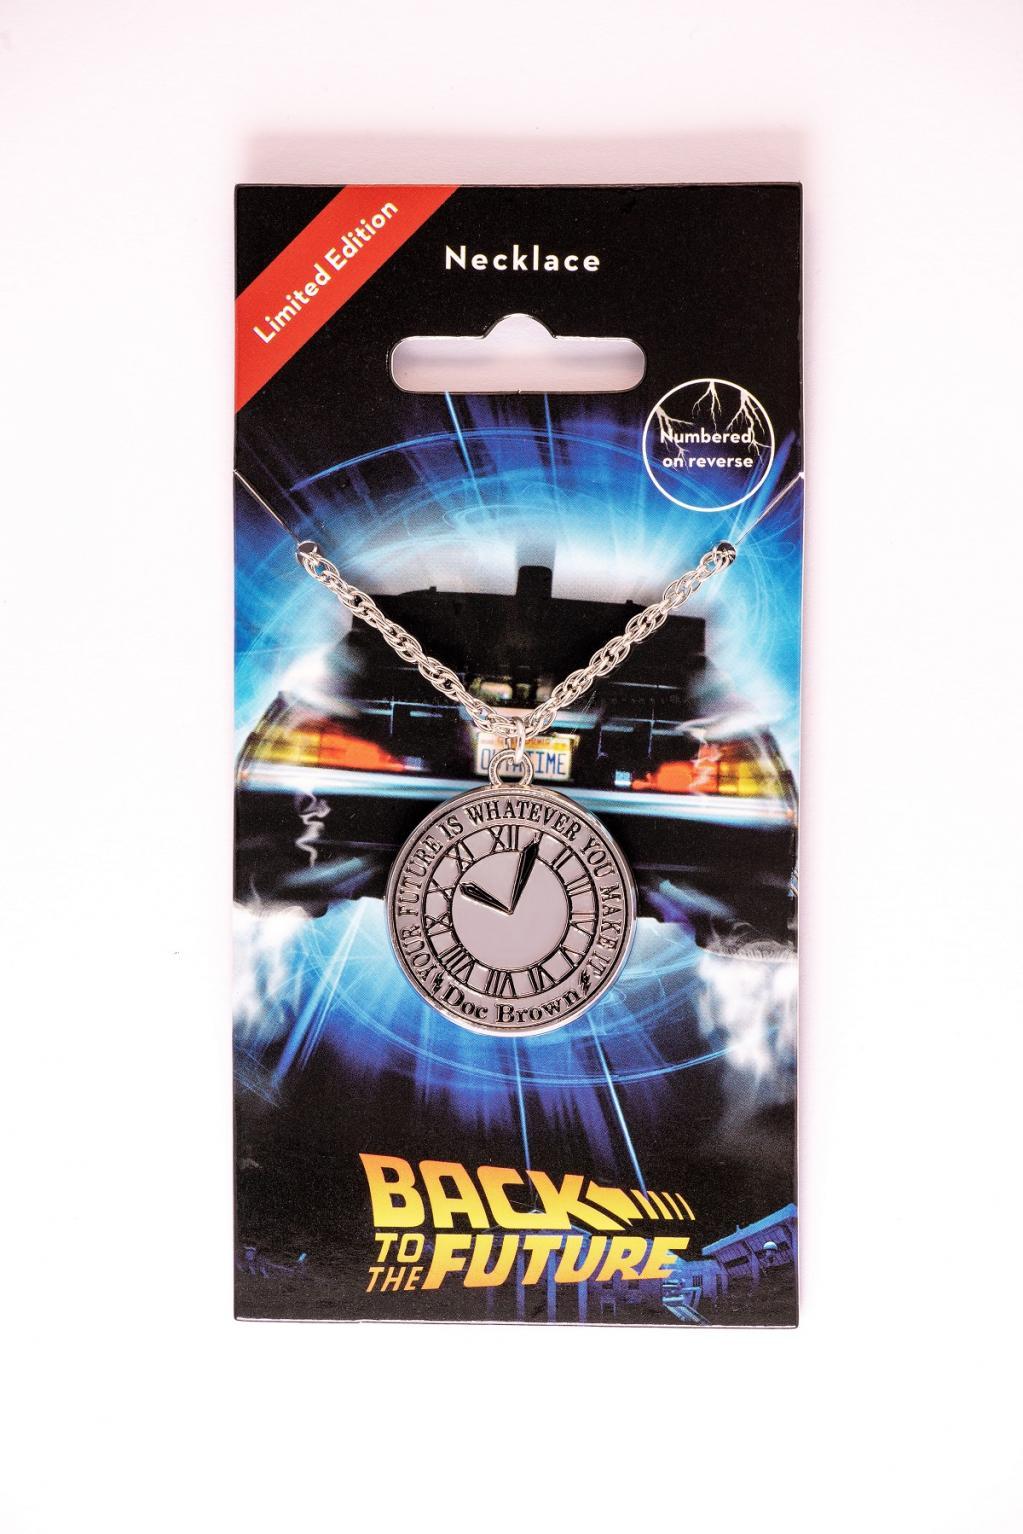 RETOUR VERS LE FUTUR - Clock Tower - Collier édition limitée_1